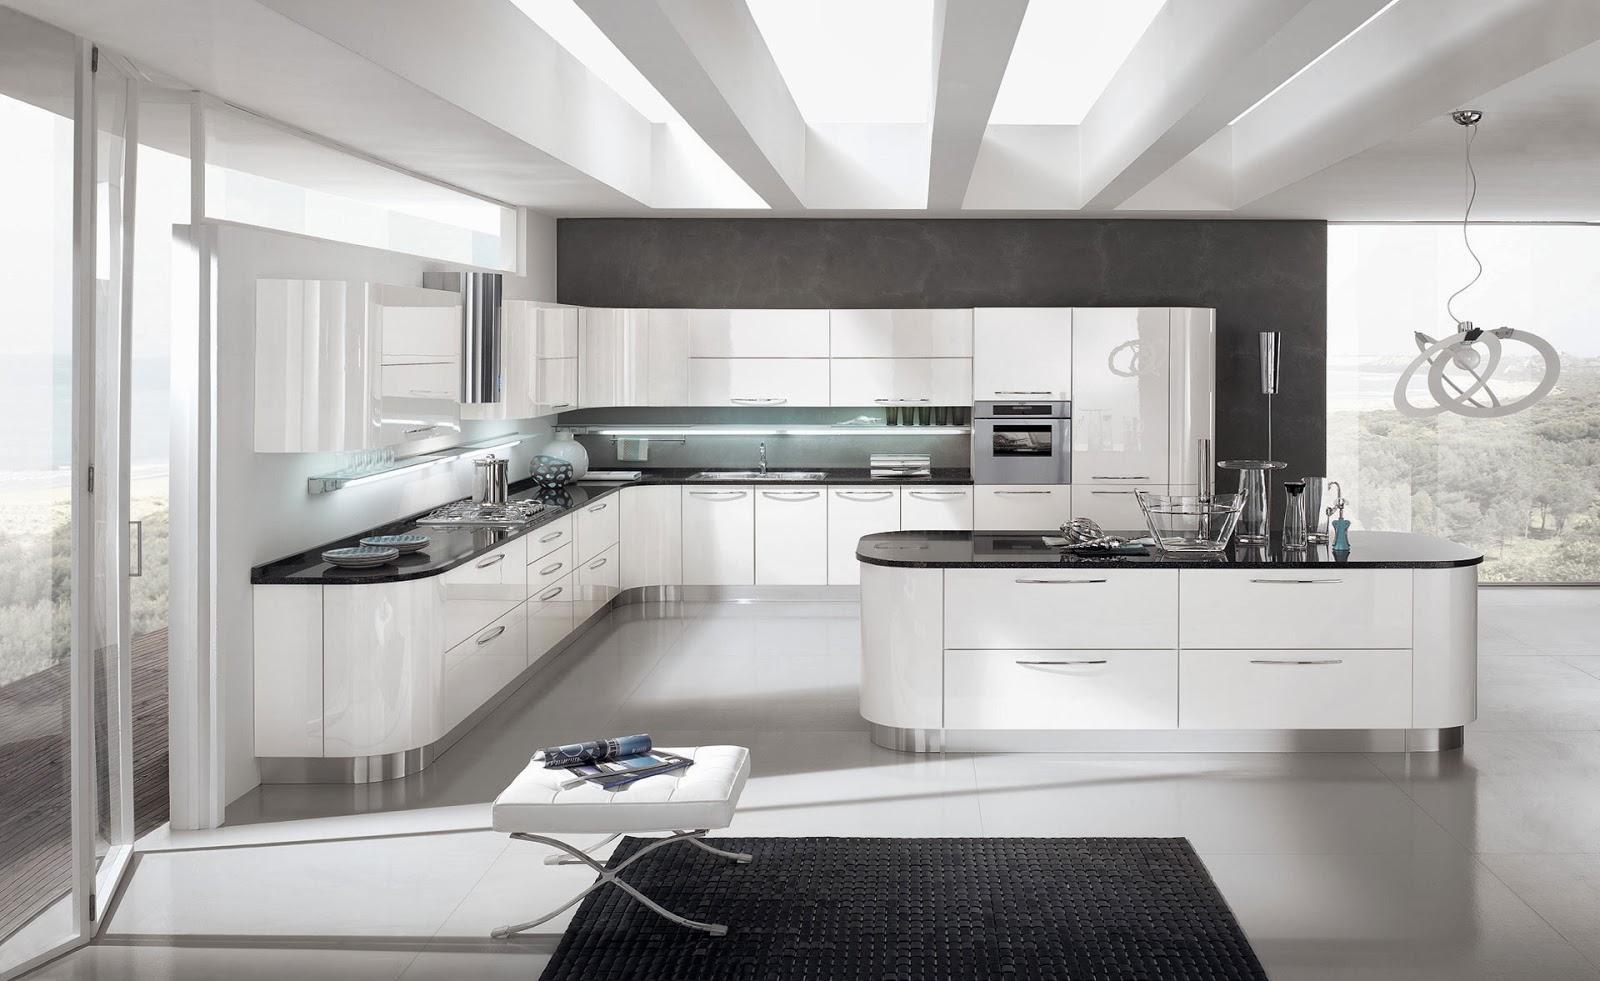 Cucine Moderne Napoli.Centro Cucine Napoli Cucine Napoli Moderne